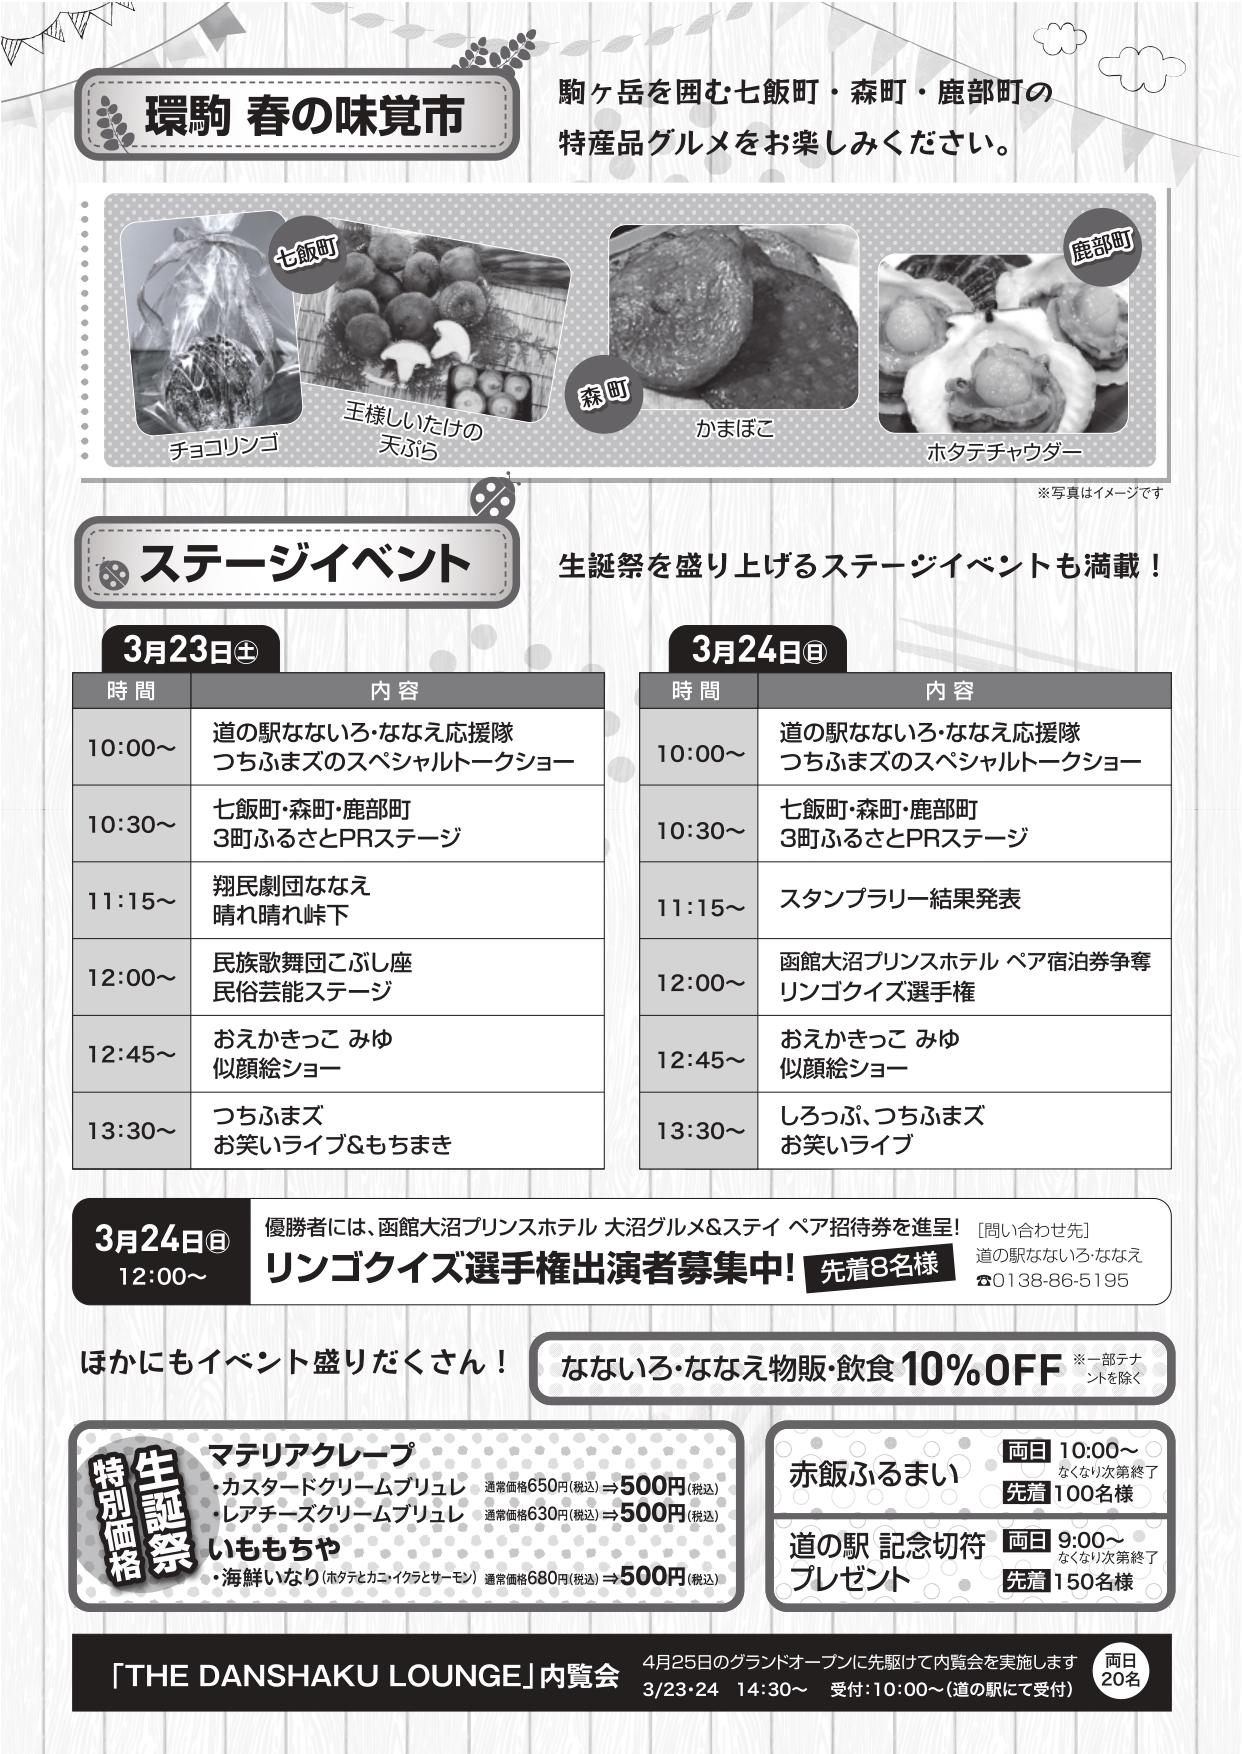 道の駅生誕祭スケジュール